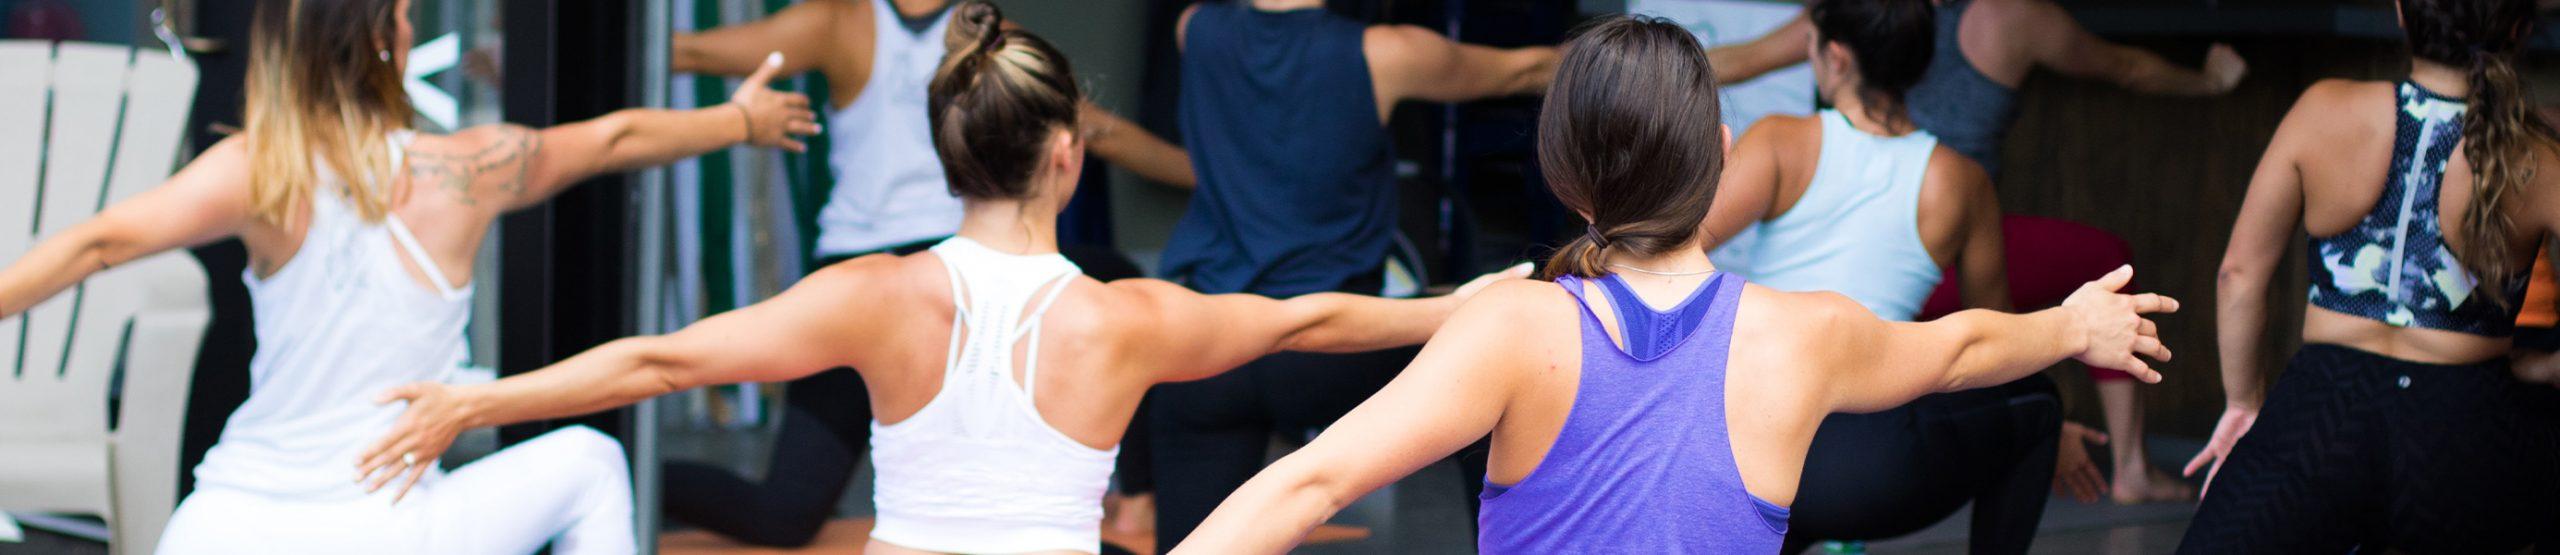 Fitness Studio Pavilion